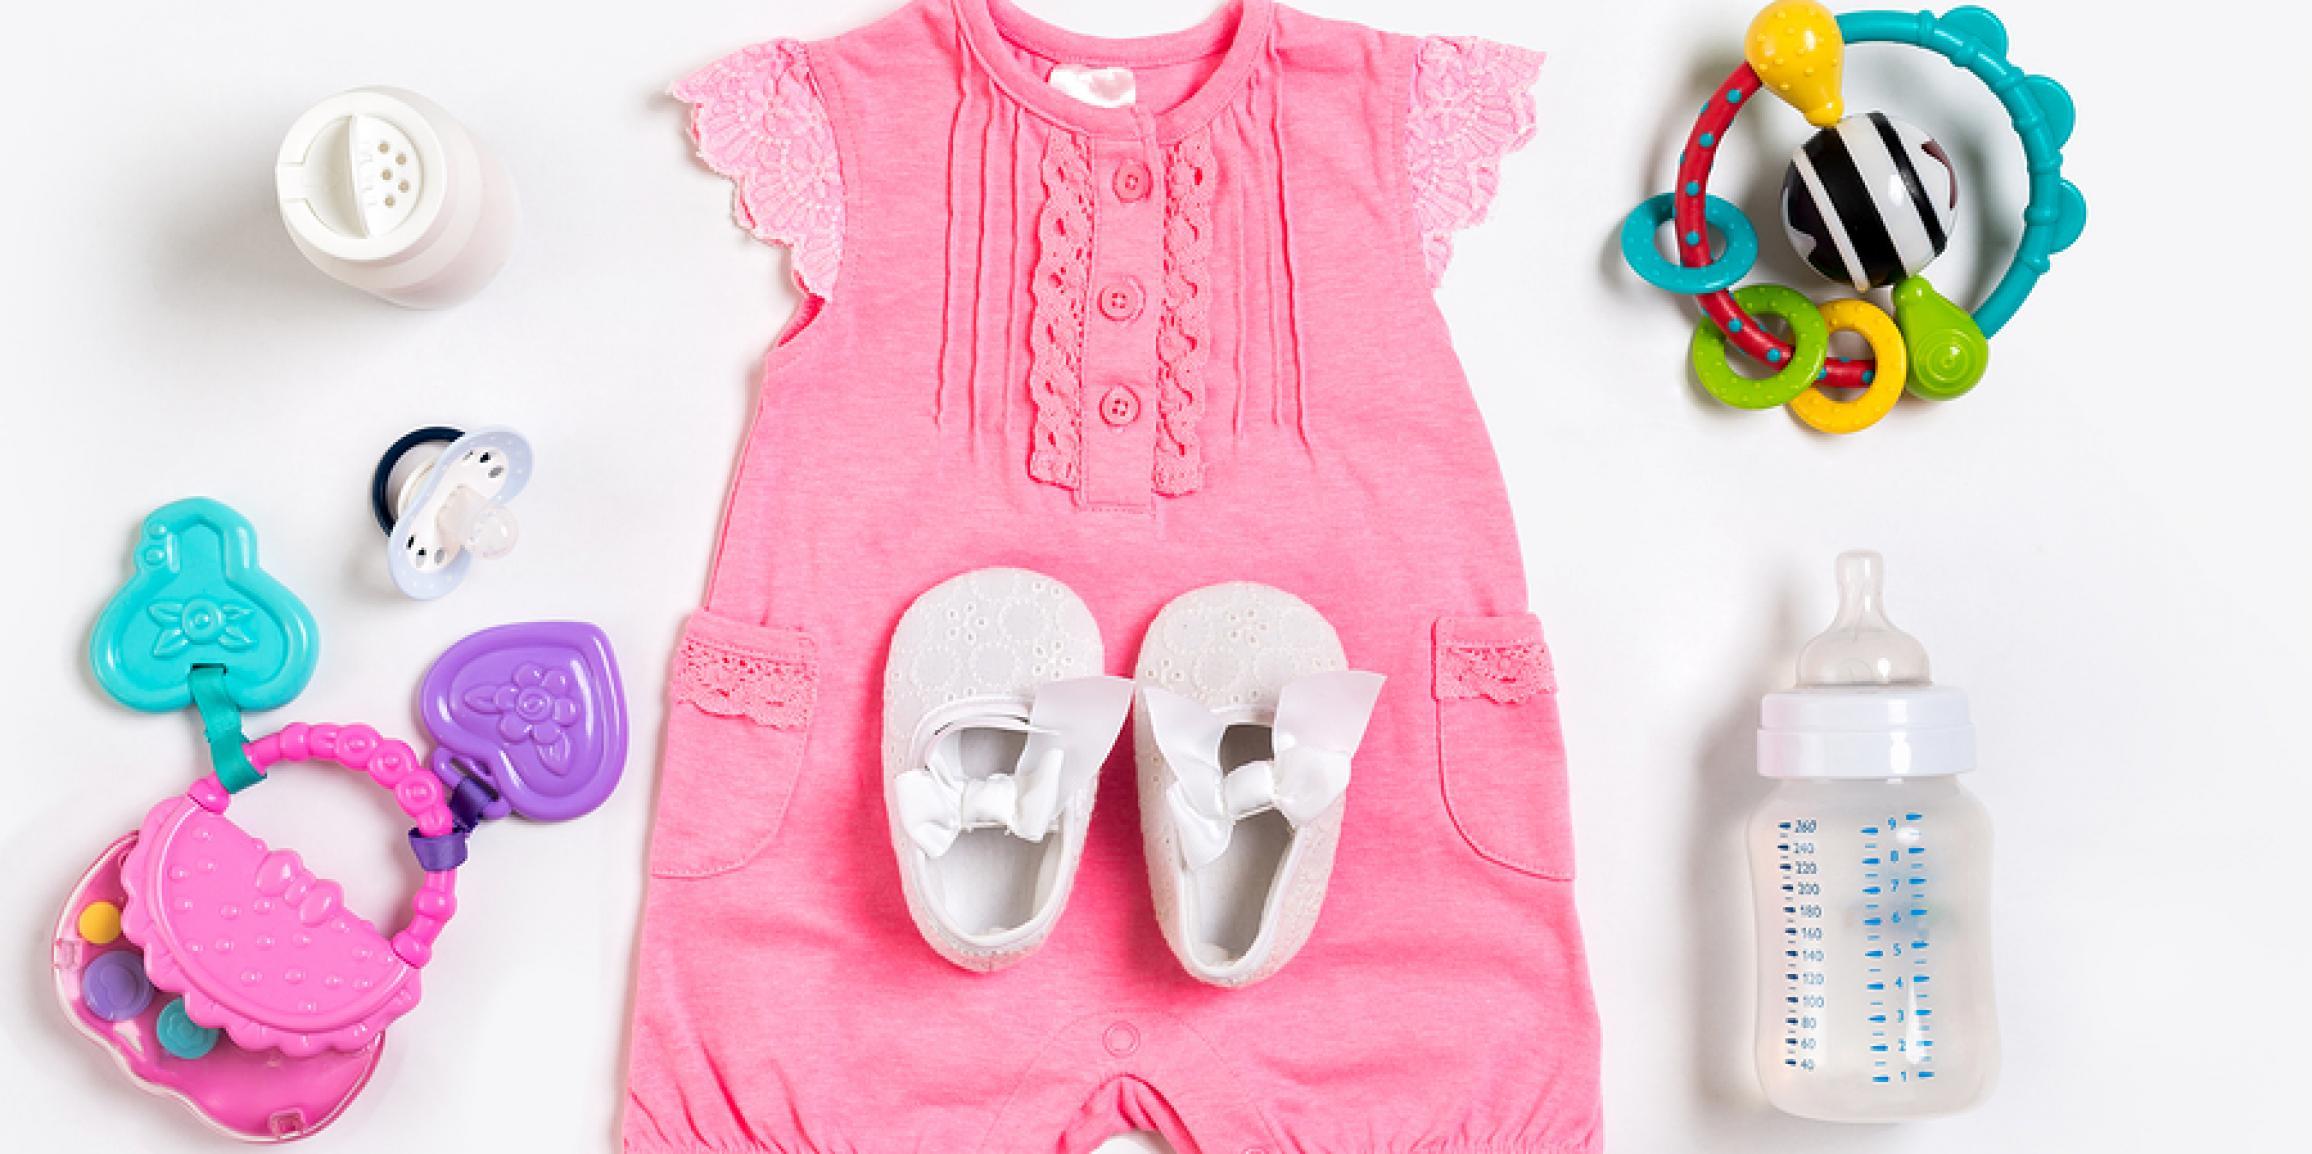 huge discount d8c50 66a87 Baby Butt Babykleidung - Schicke Kindermode » Babywiege ...